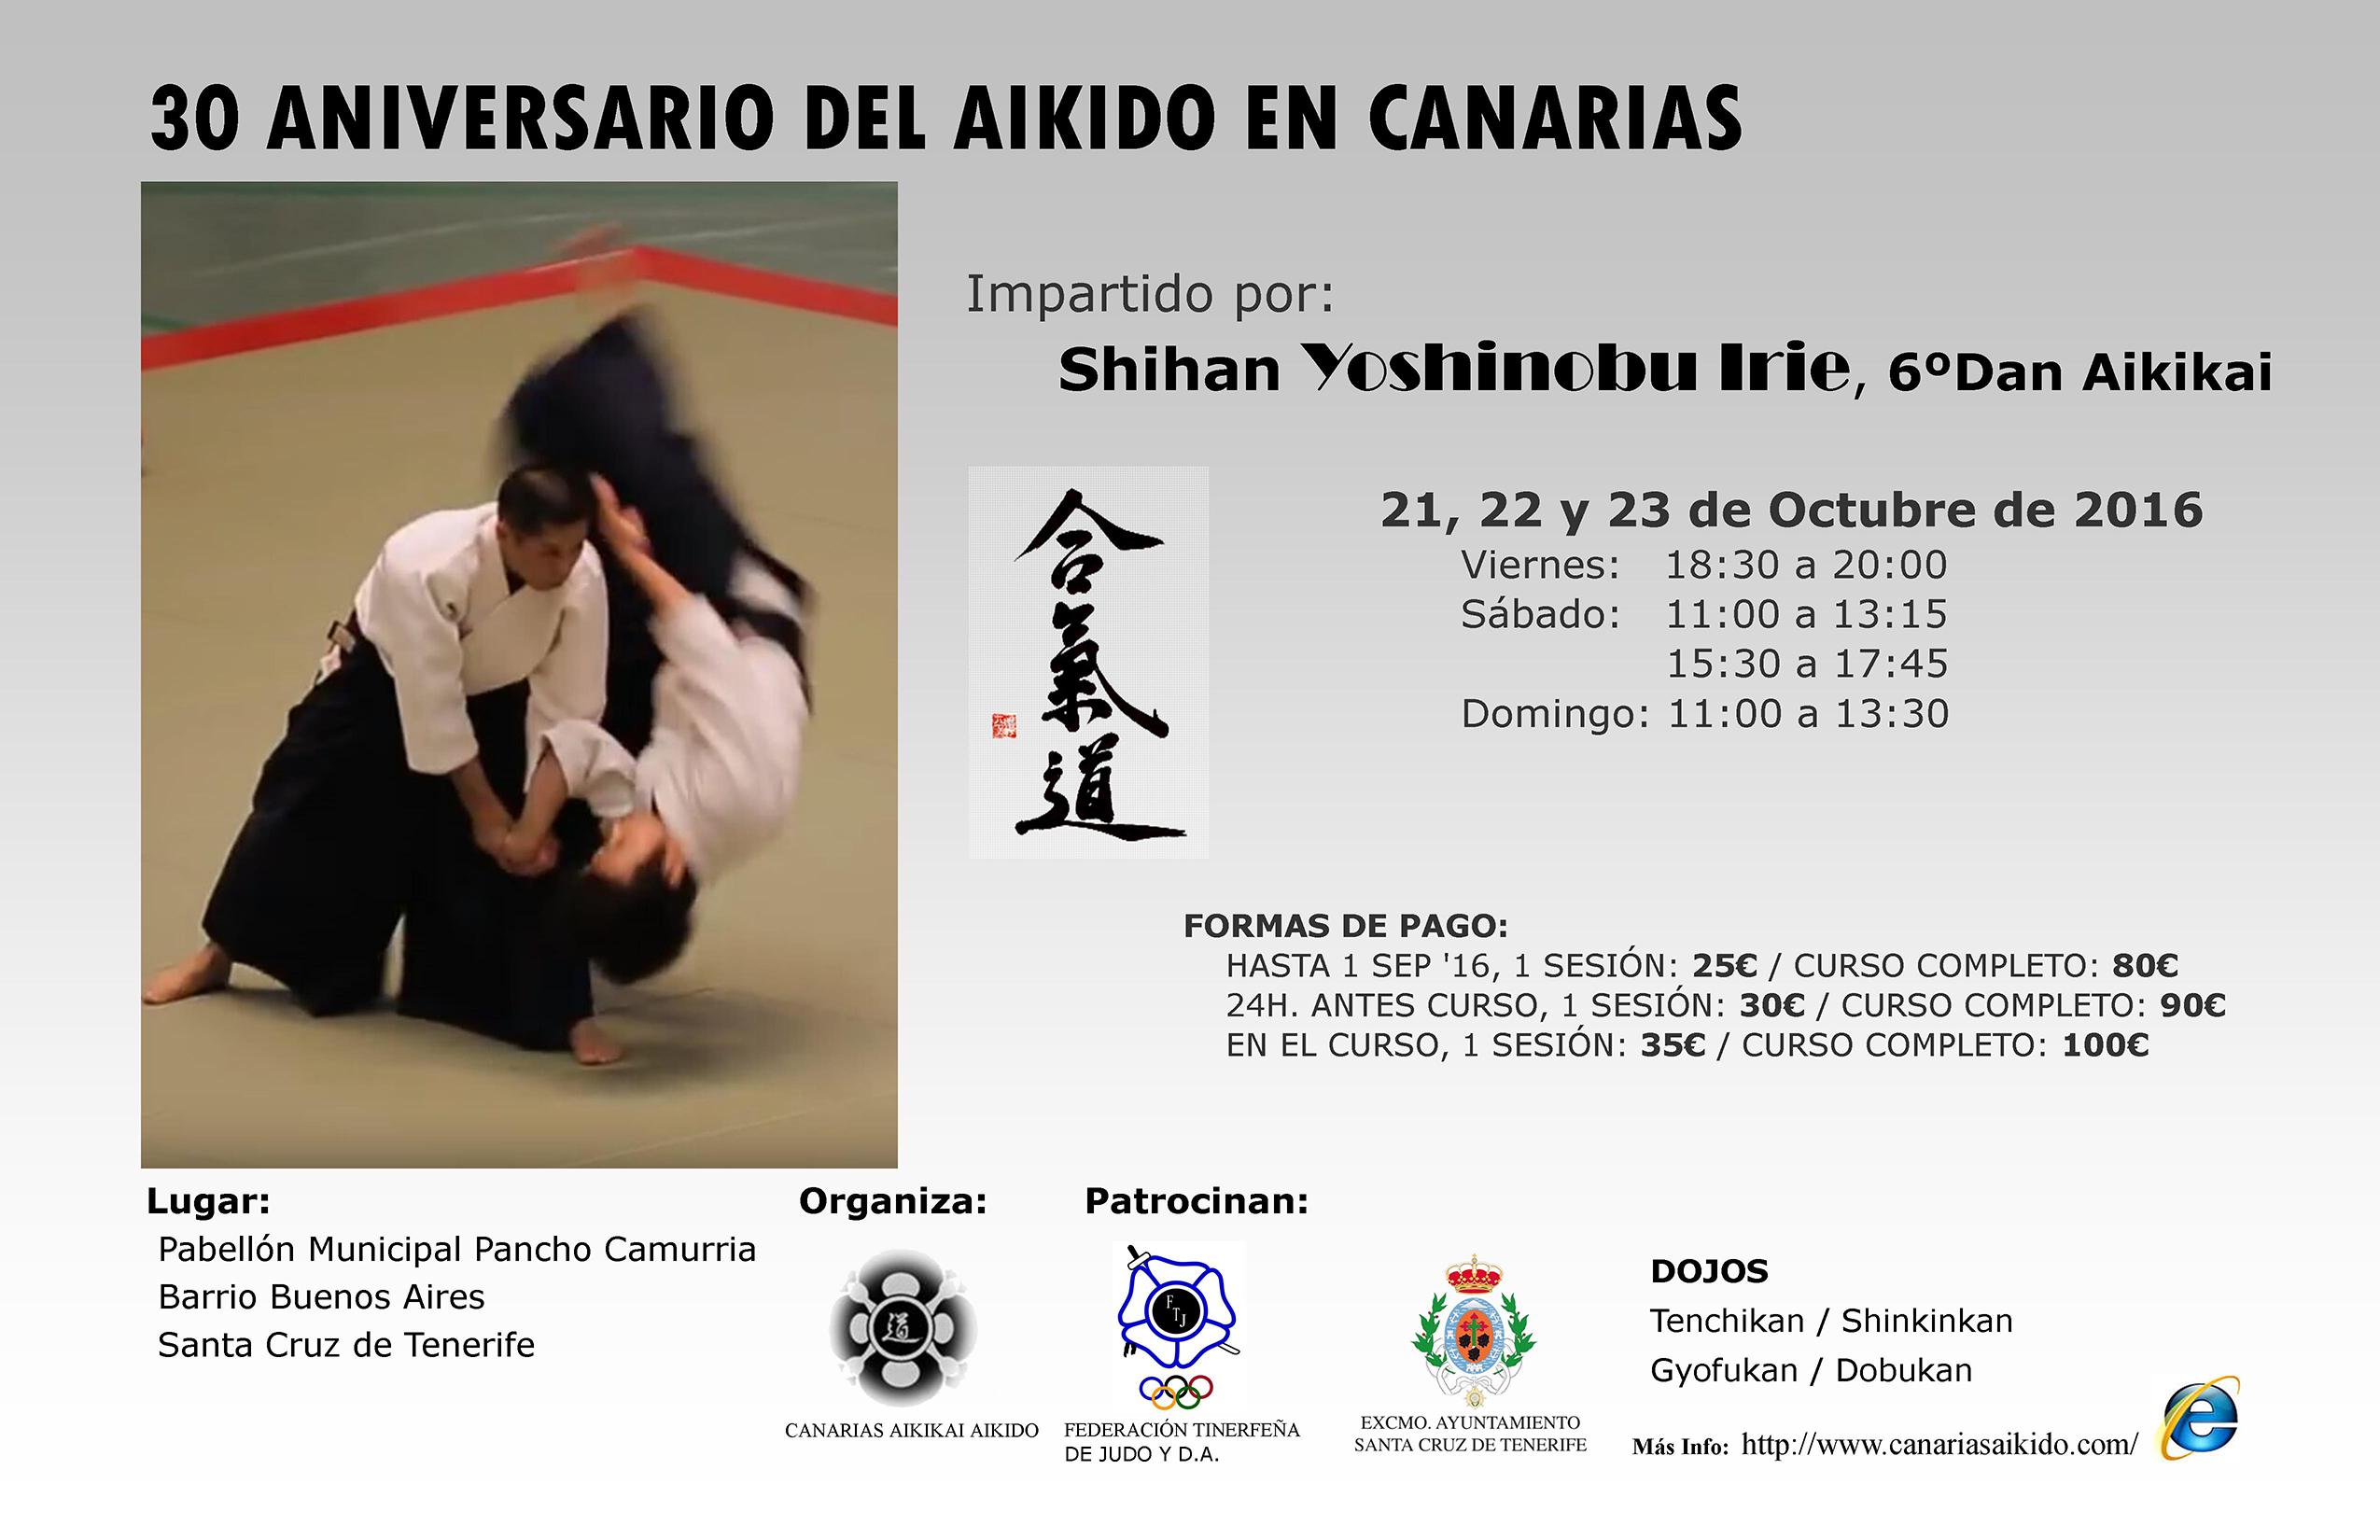 30 Aniversario Aikido en Canarias